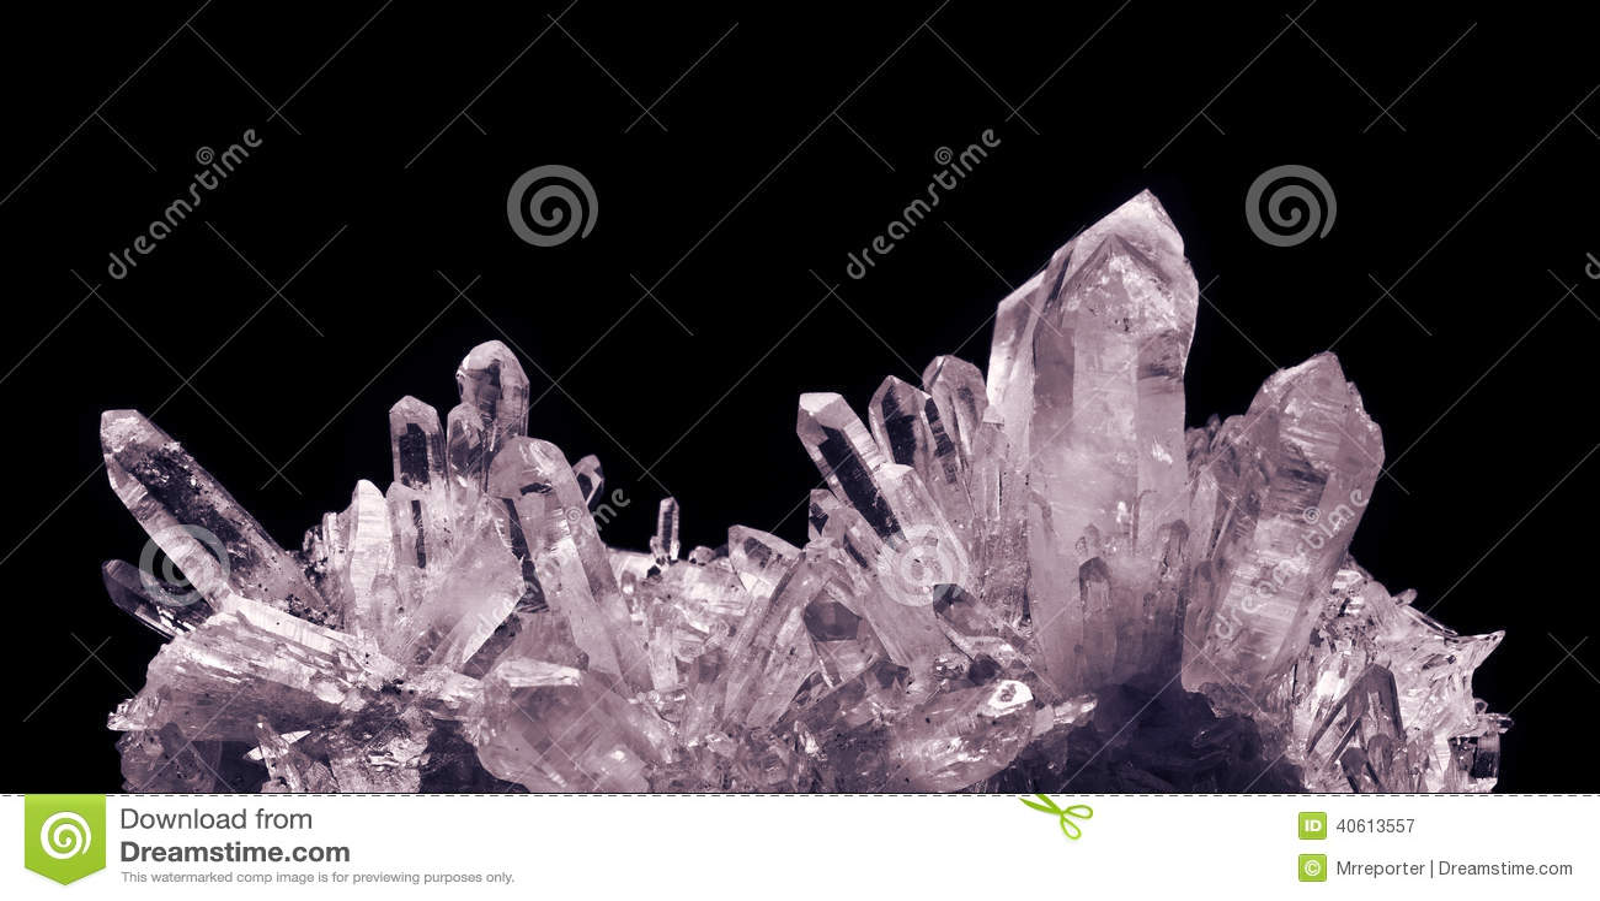 Cuarzo cristalino